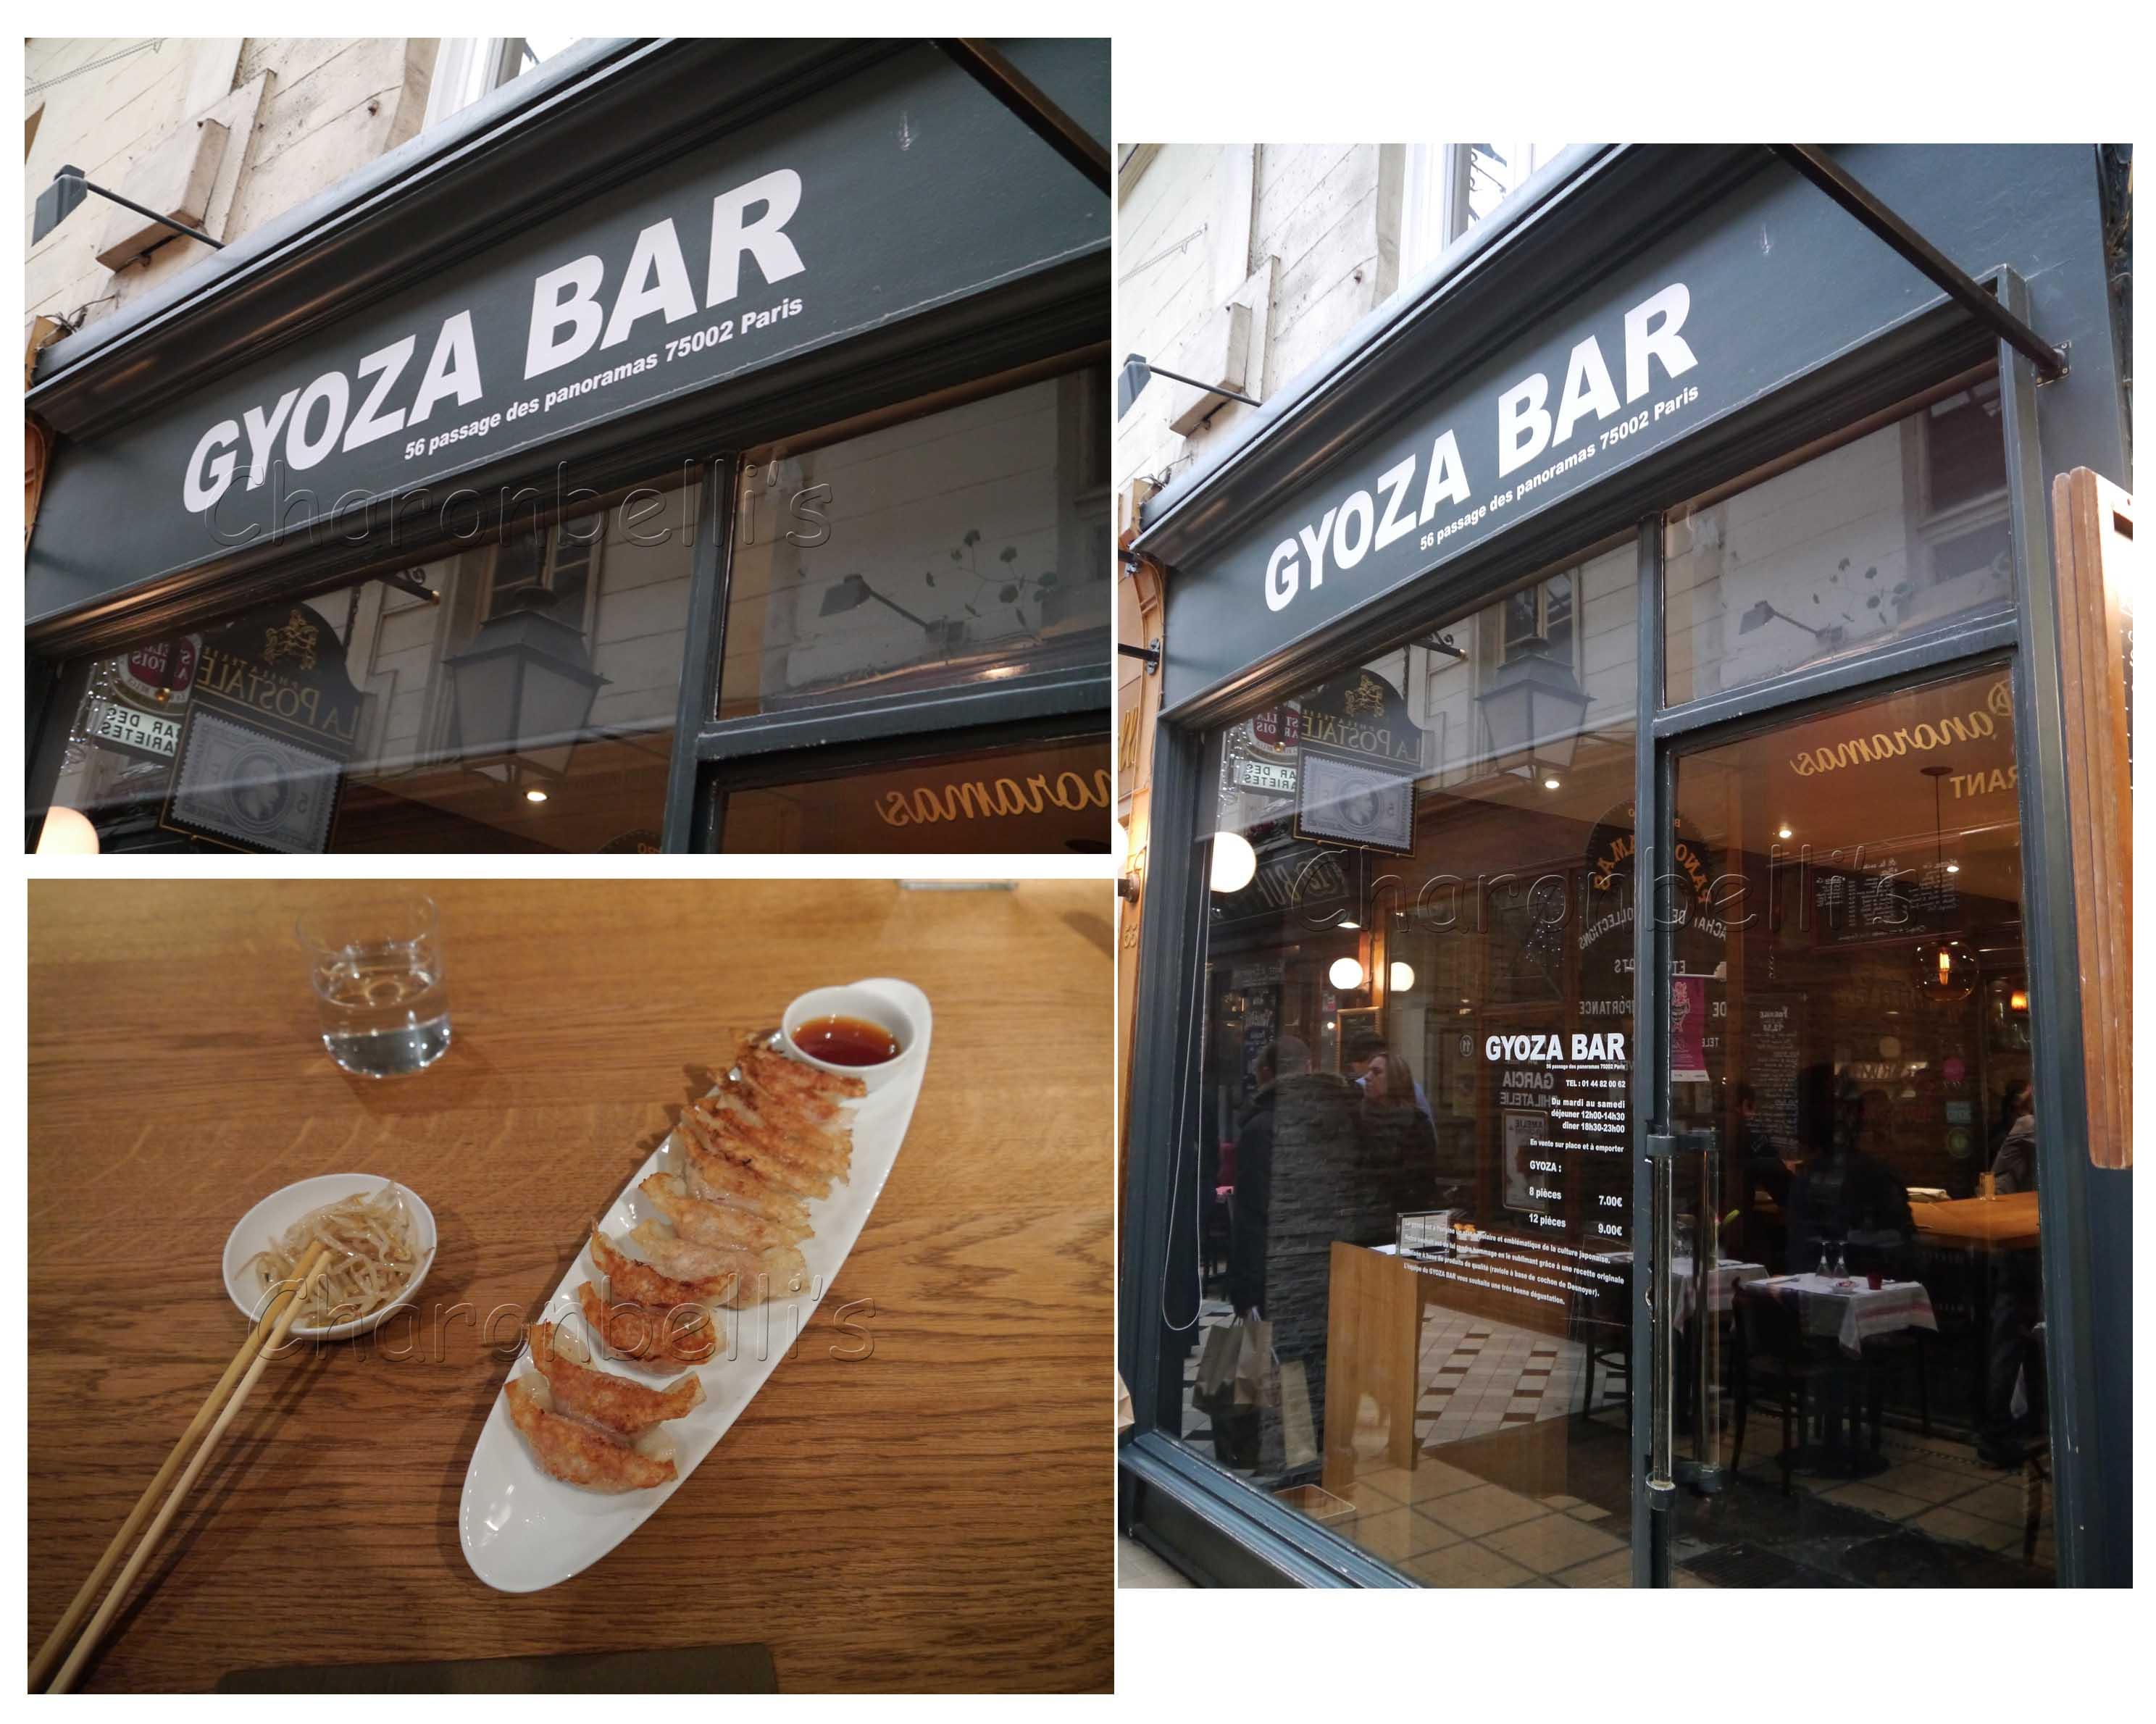 Le Gyoza bar du Passage des Panoramas, Paris - Charonbelli's blog de cuisine